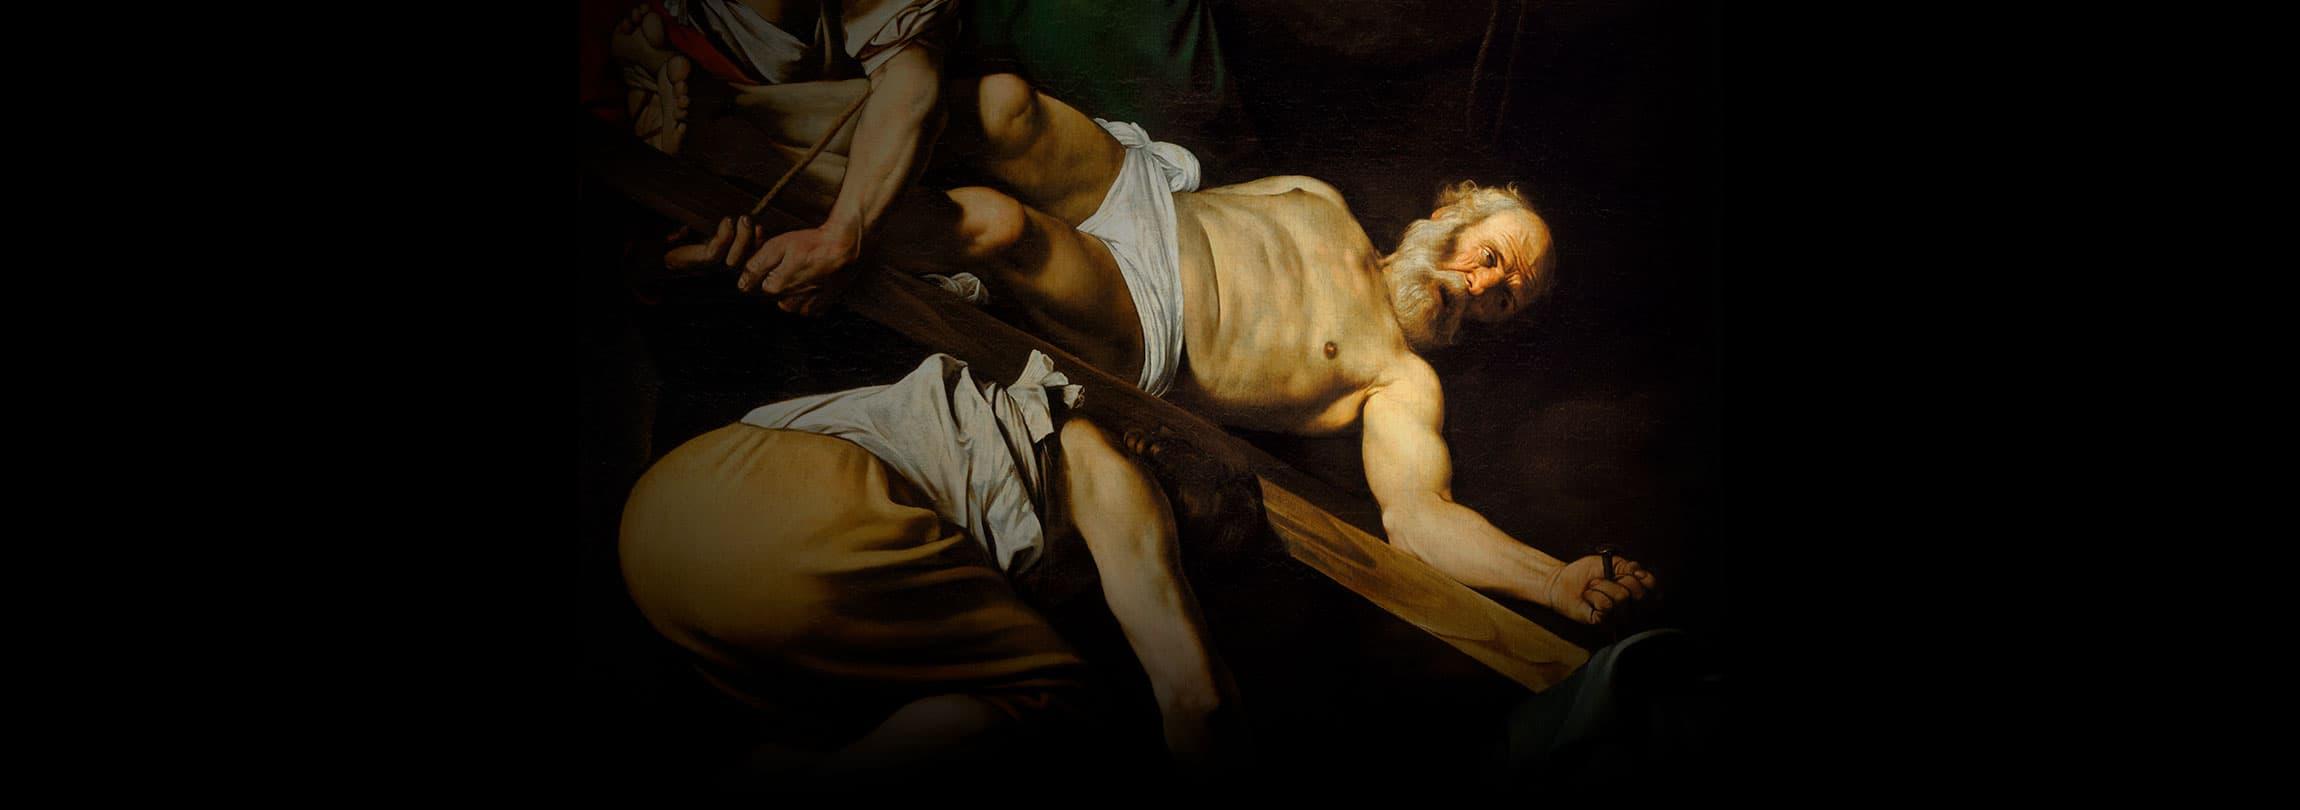 O heroísmo que nasce na cruz